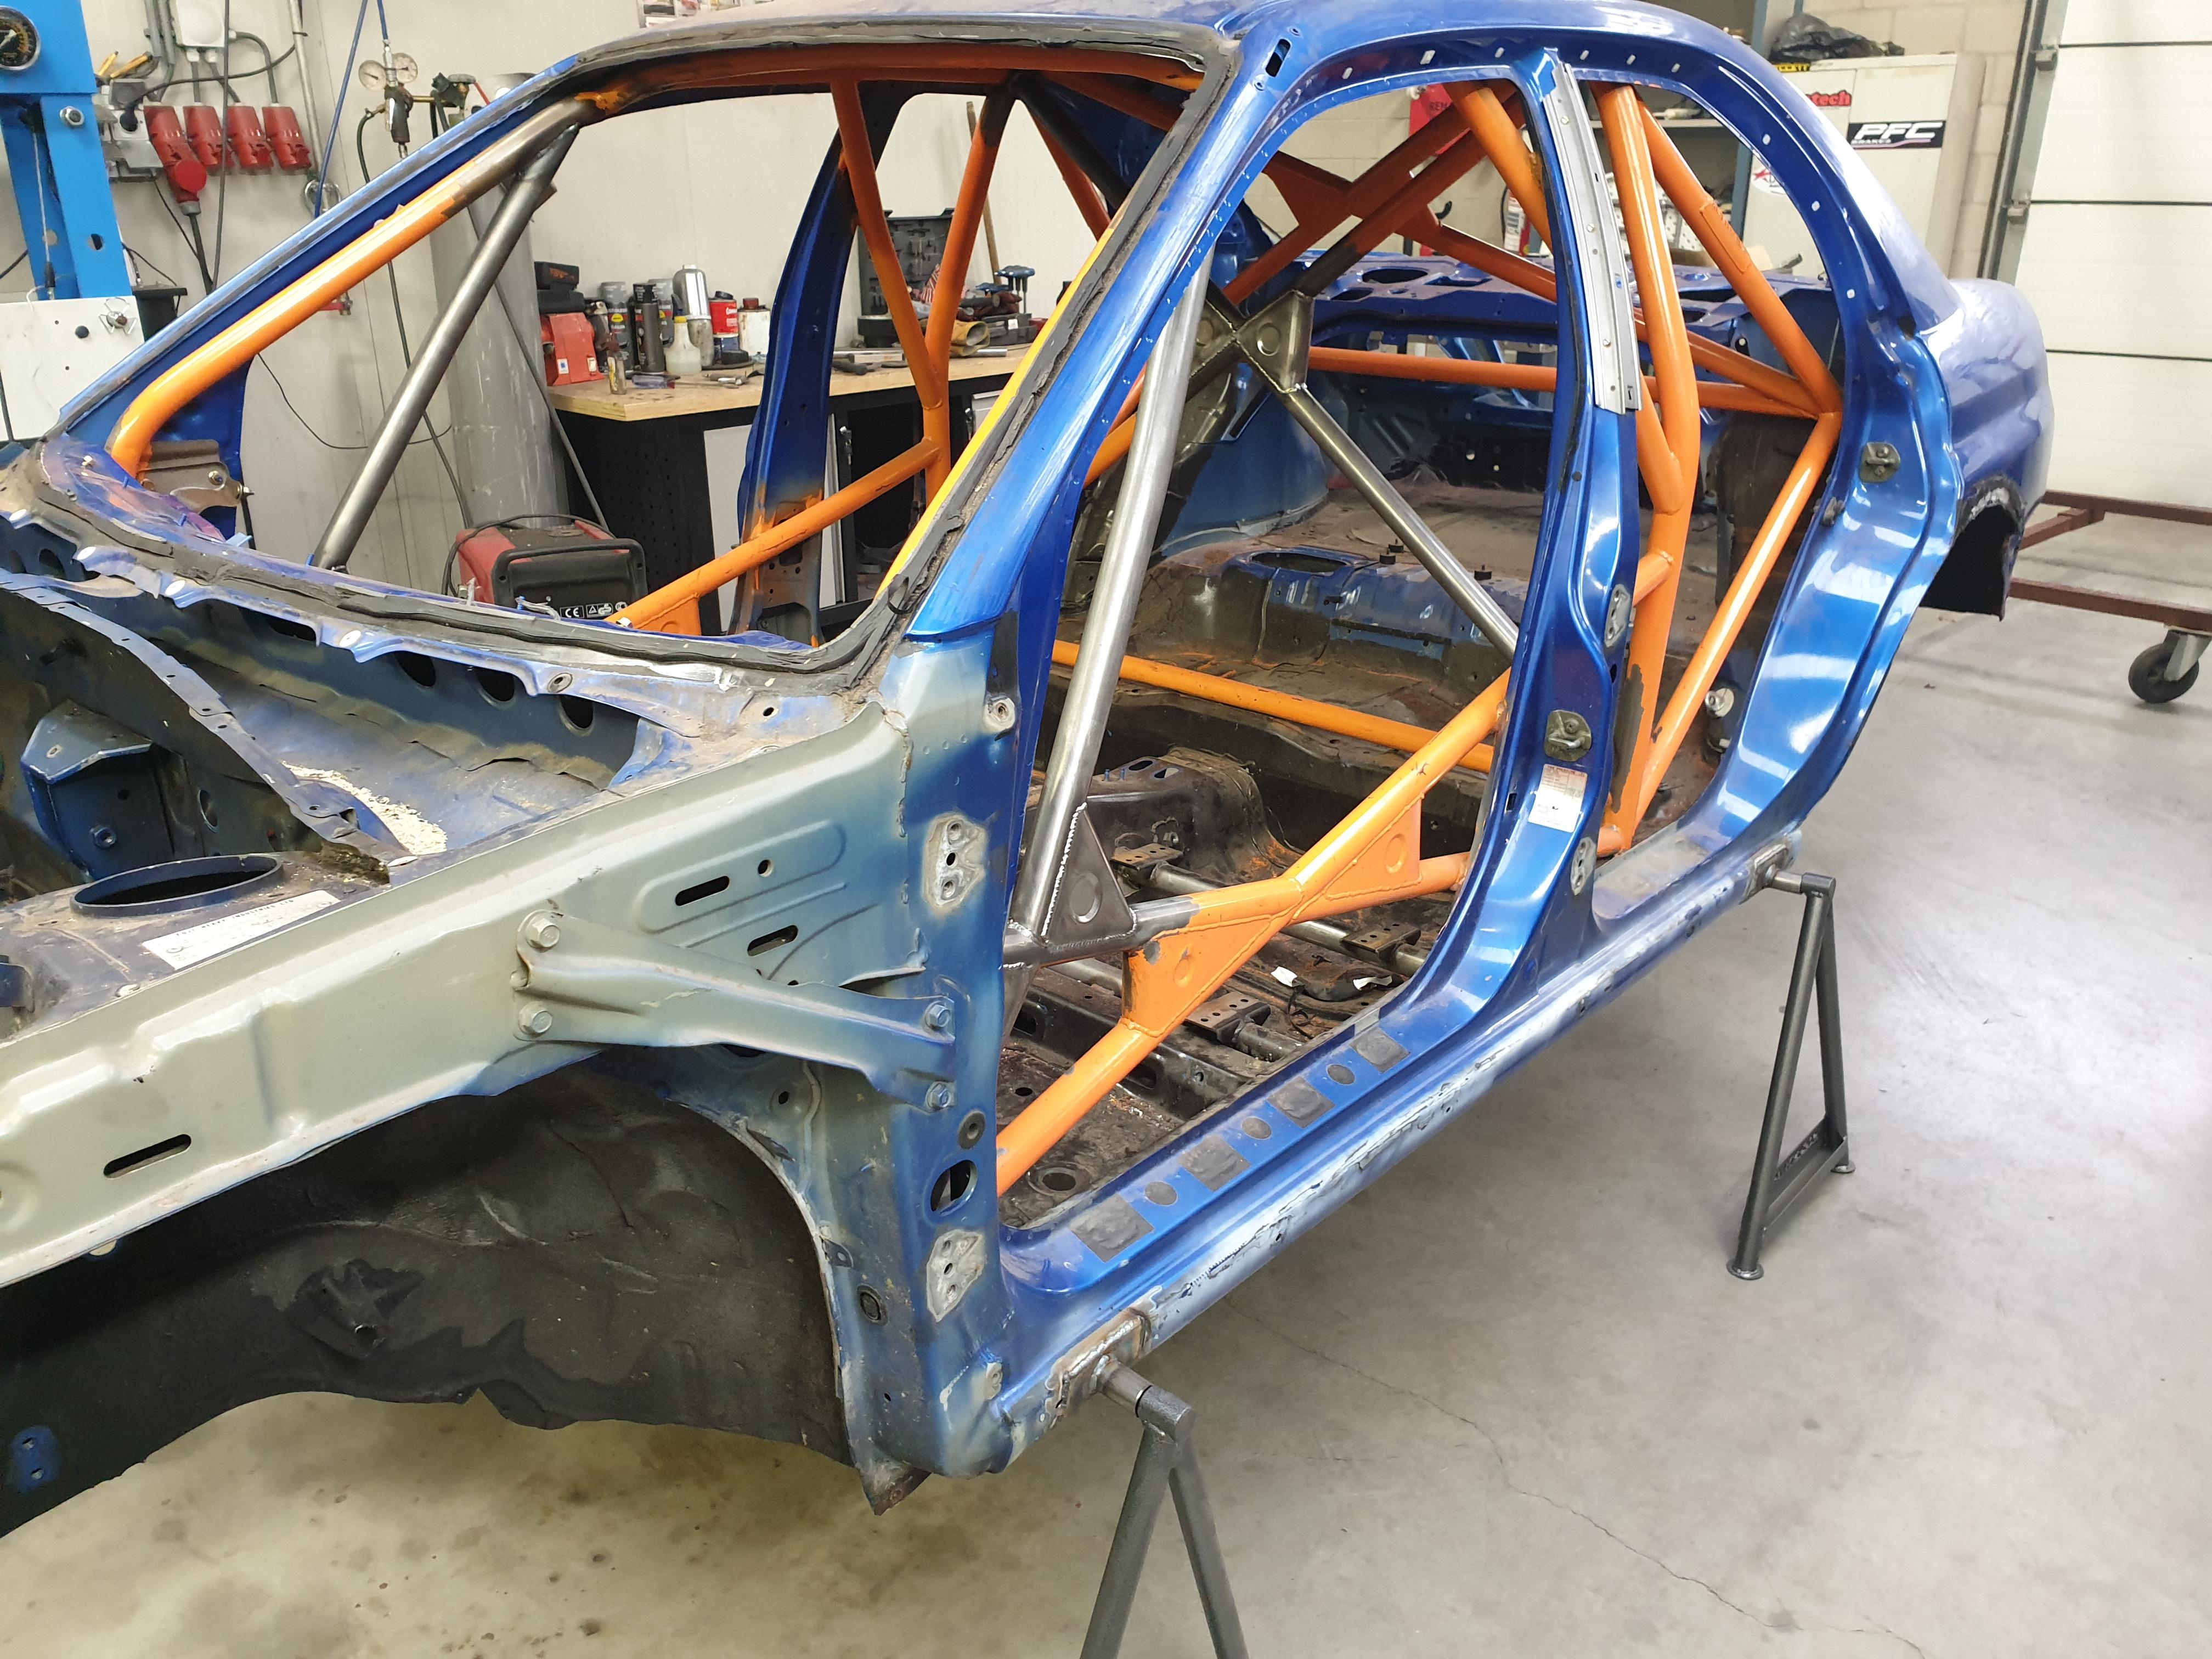 Subaru WRX STI Rolbeugel Aangepast Voor Rallysport.